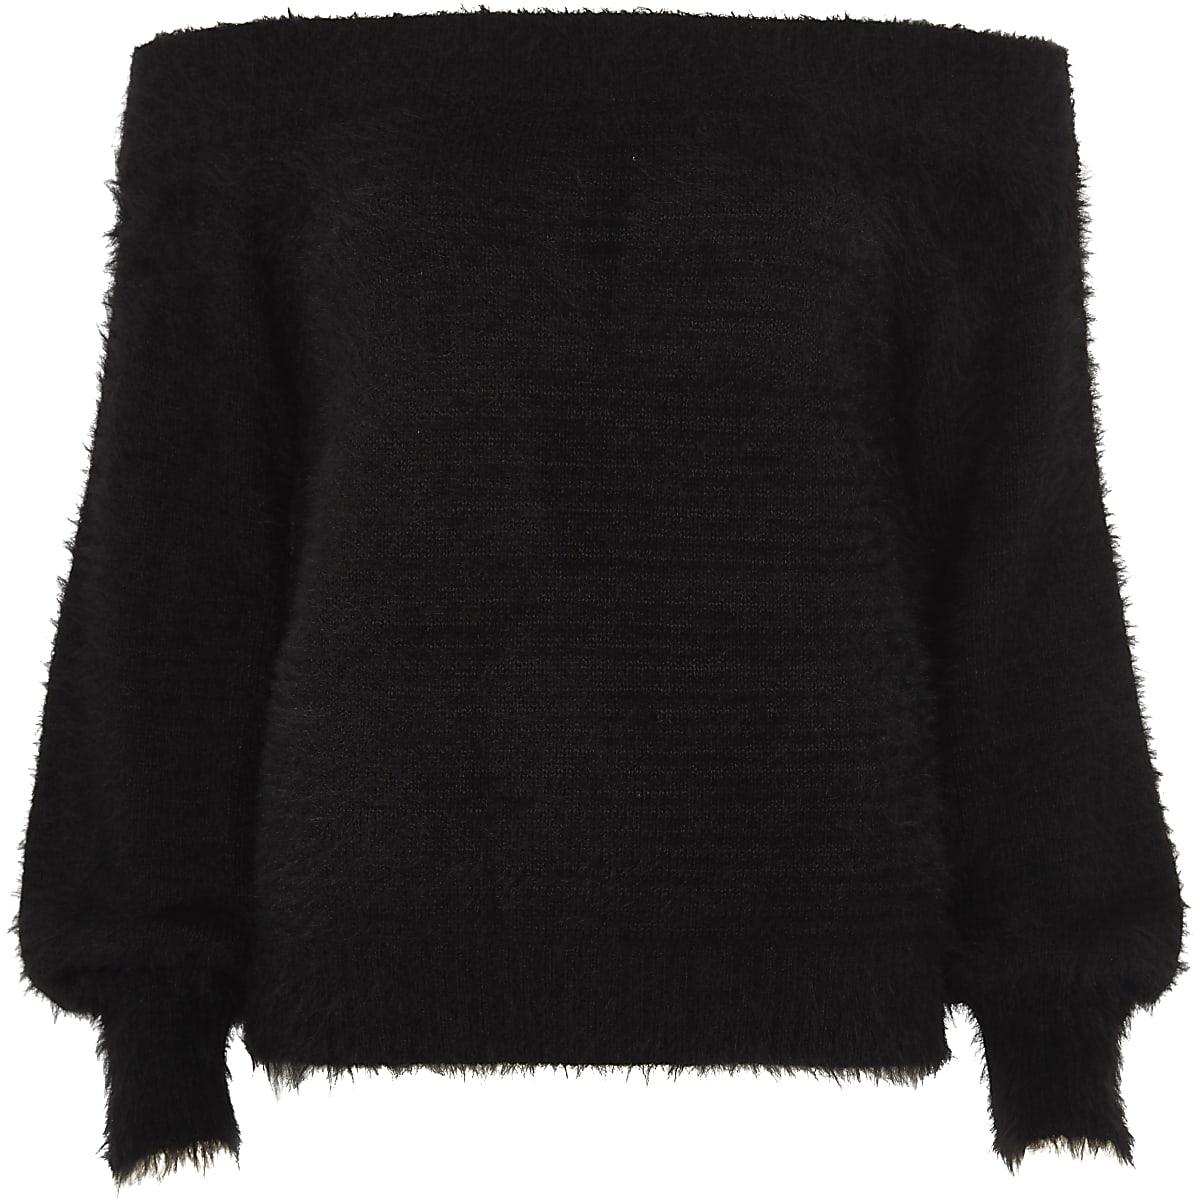 Black bardot fluffy knit jumper